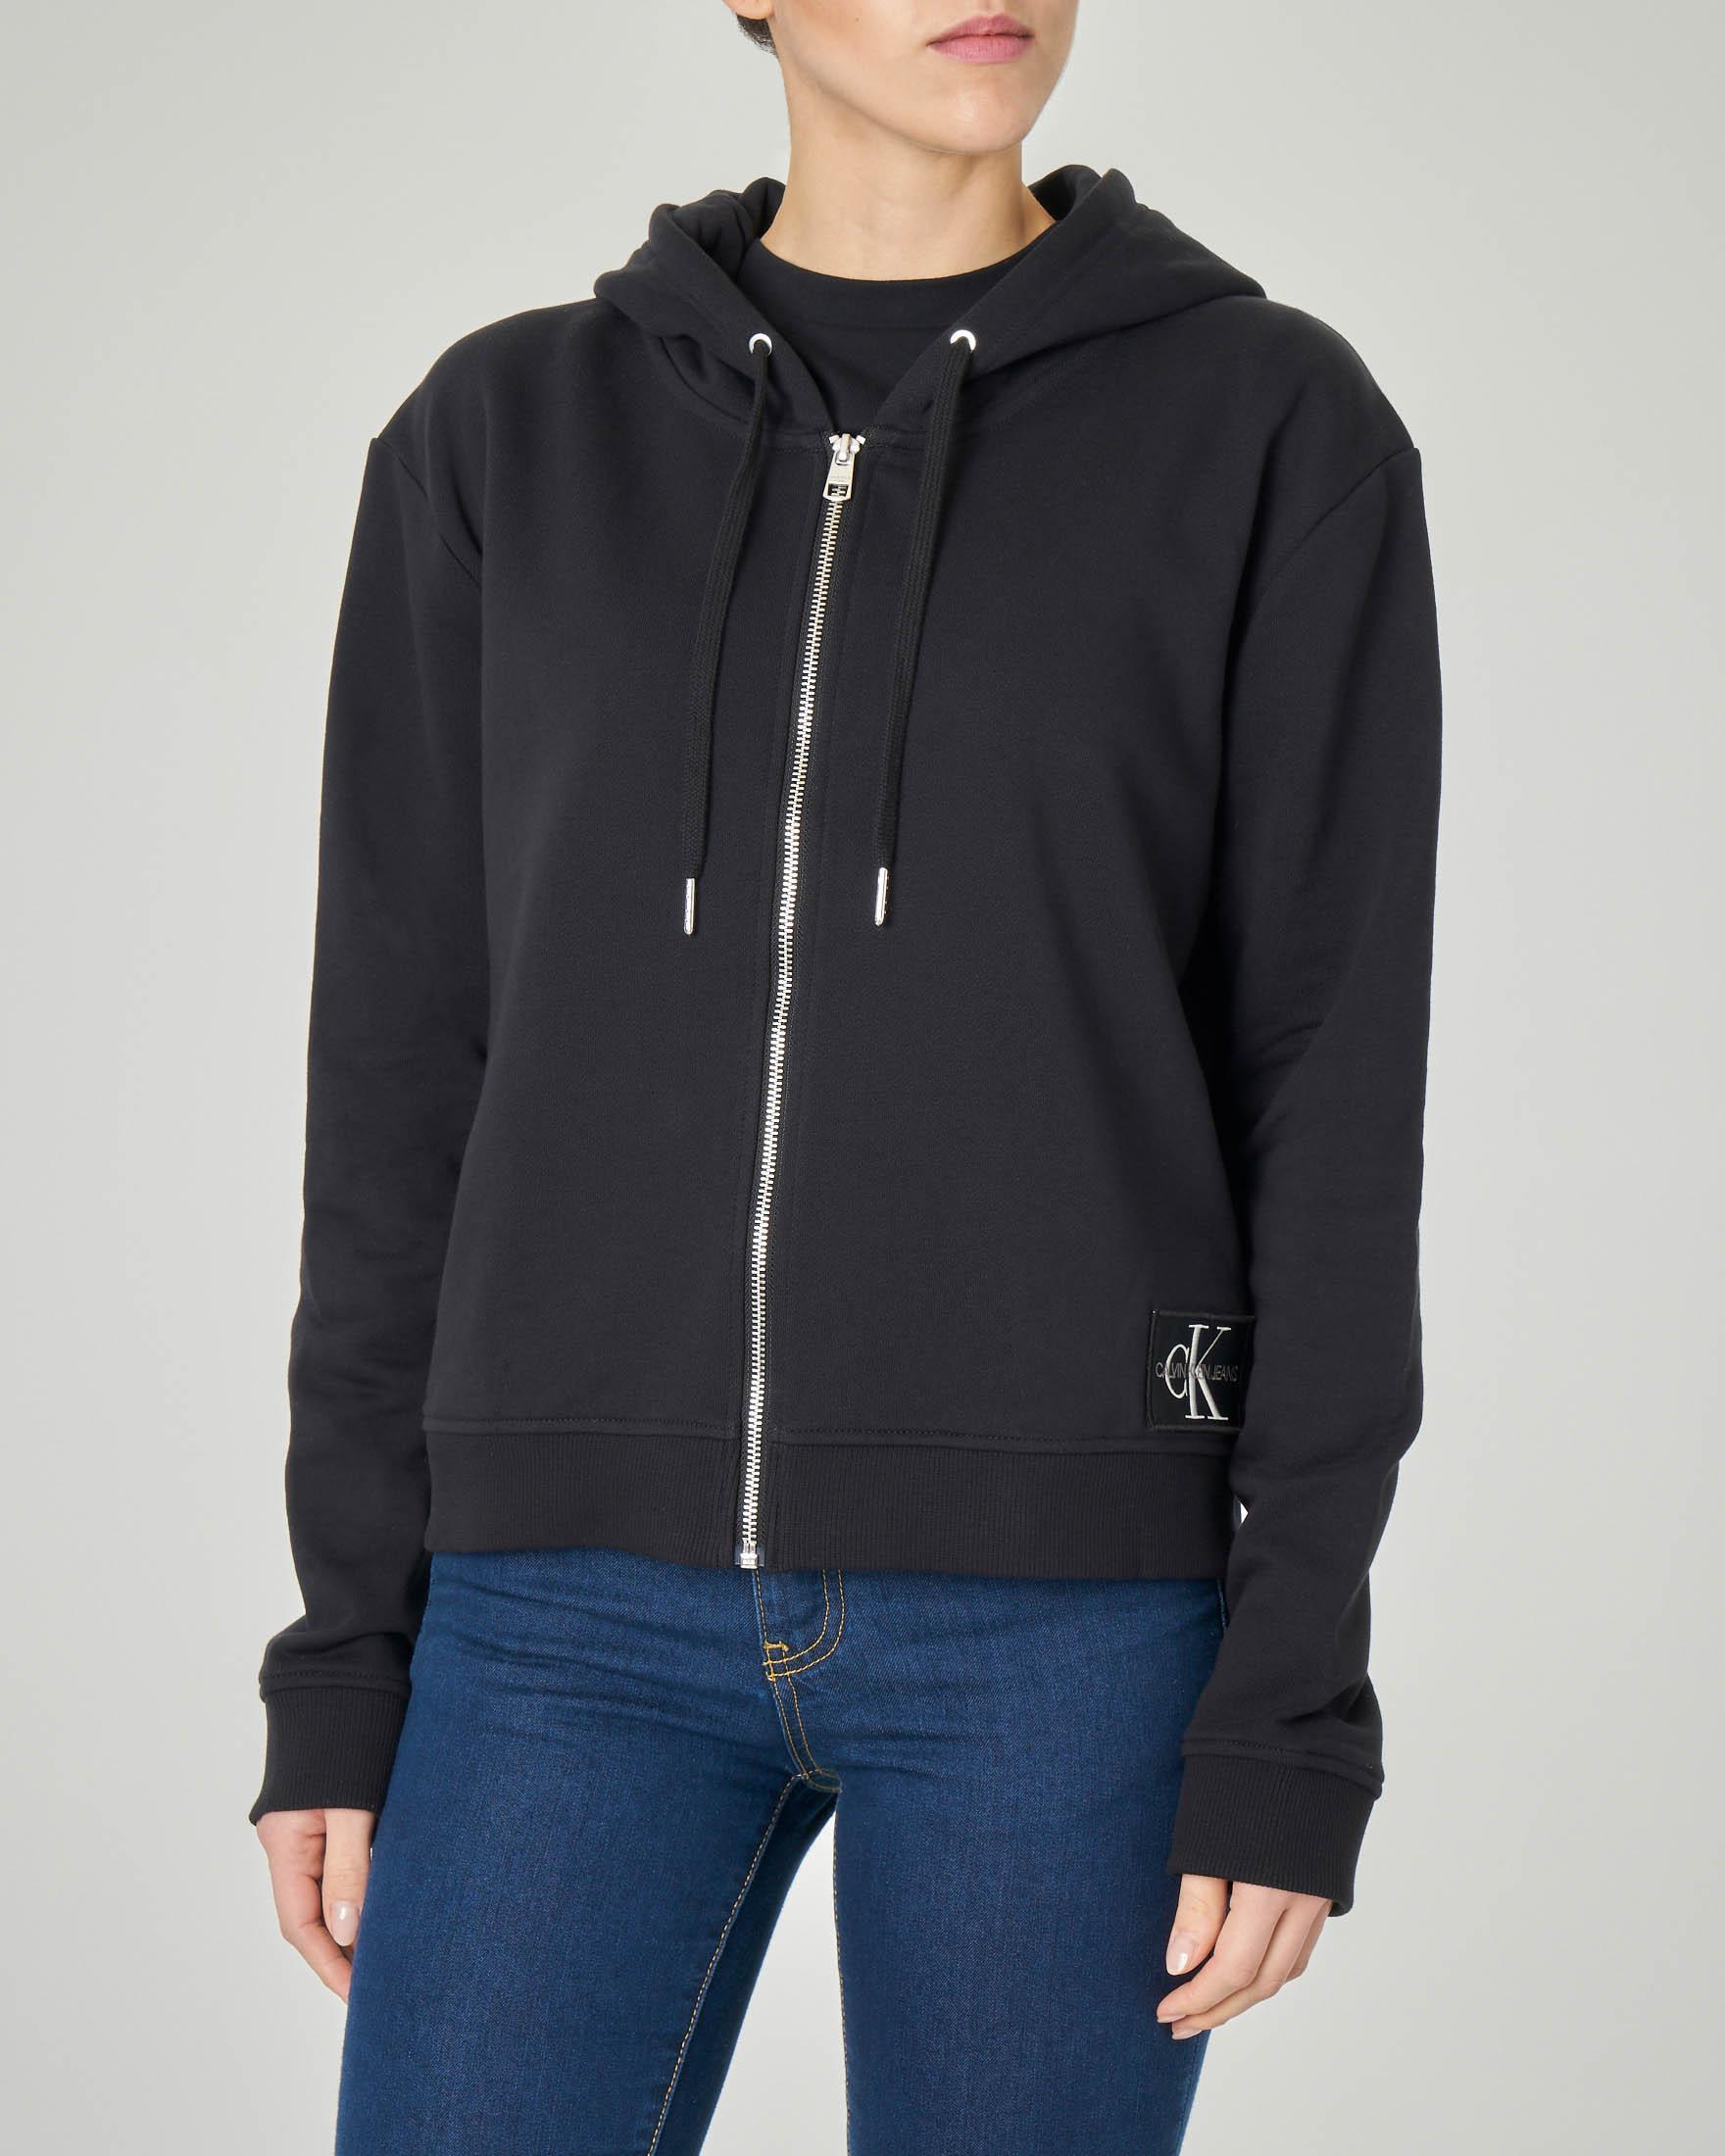 Felpa nera in jersey di cotone con cappuccio e patch logo